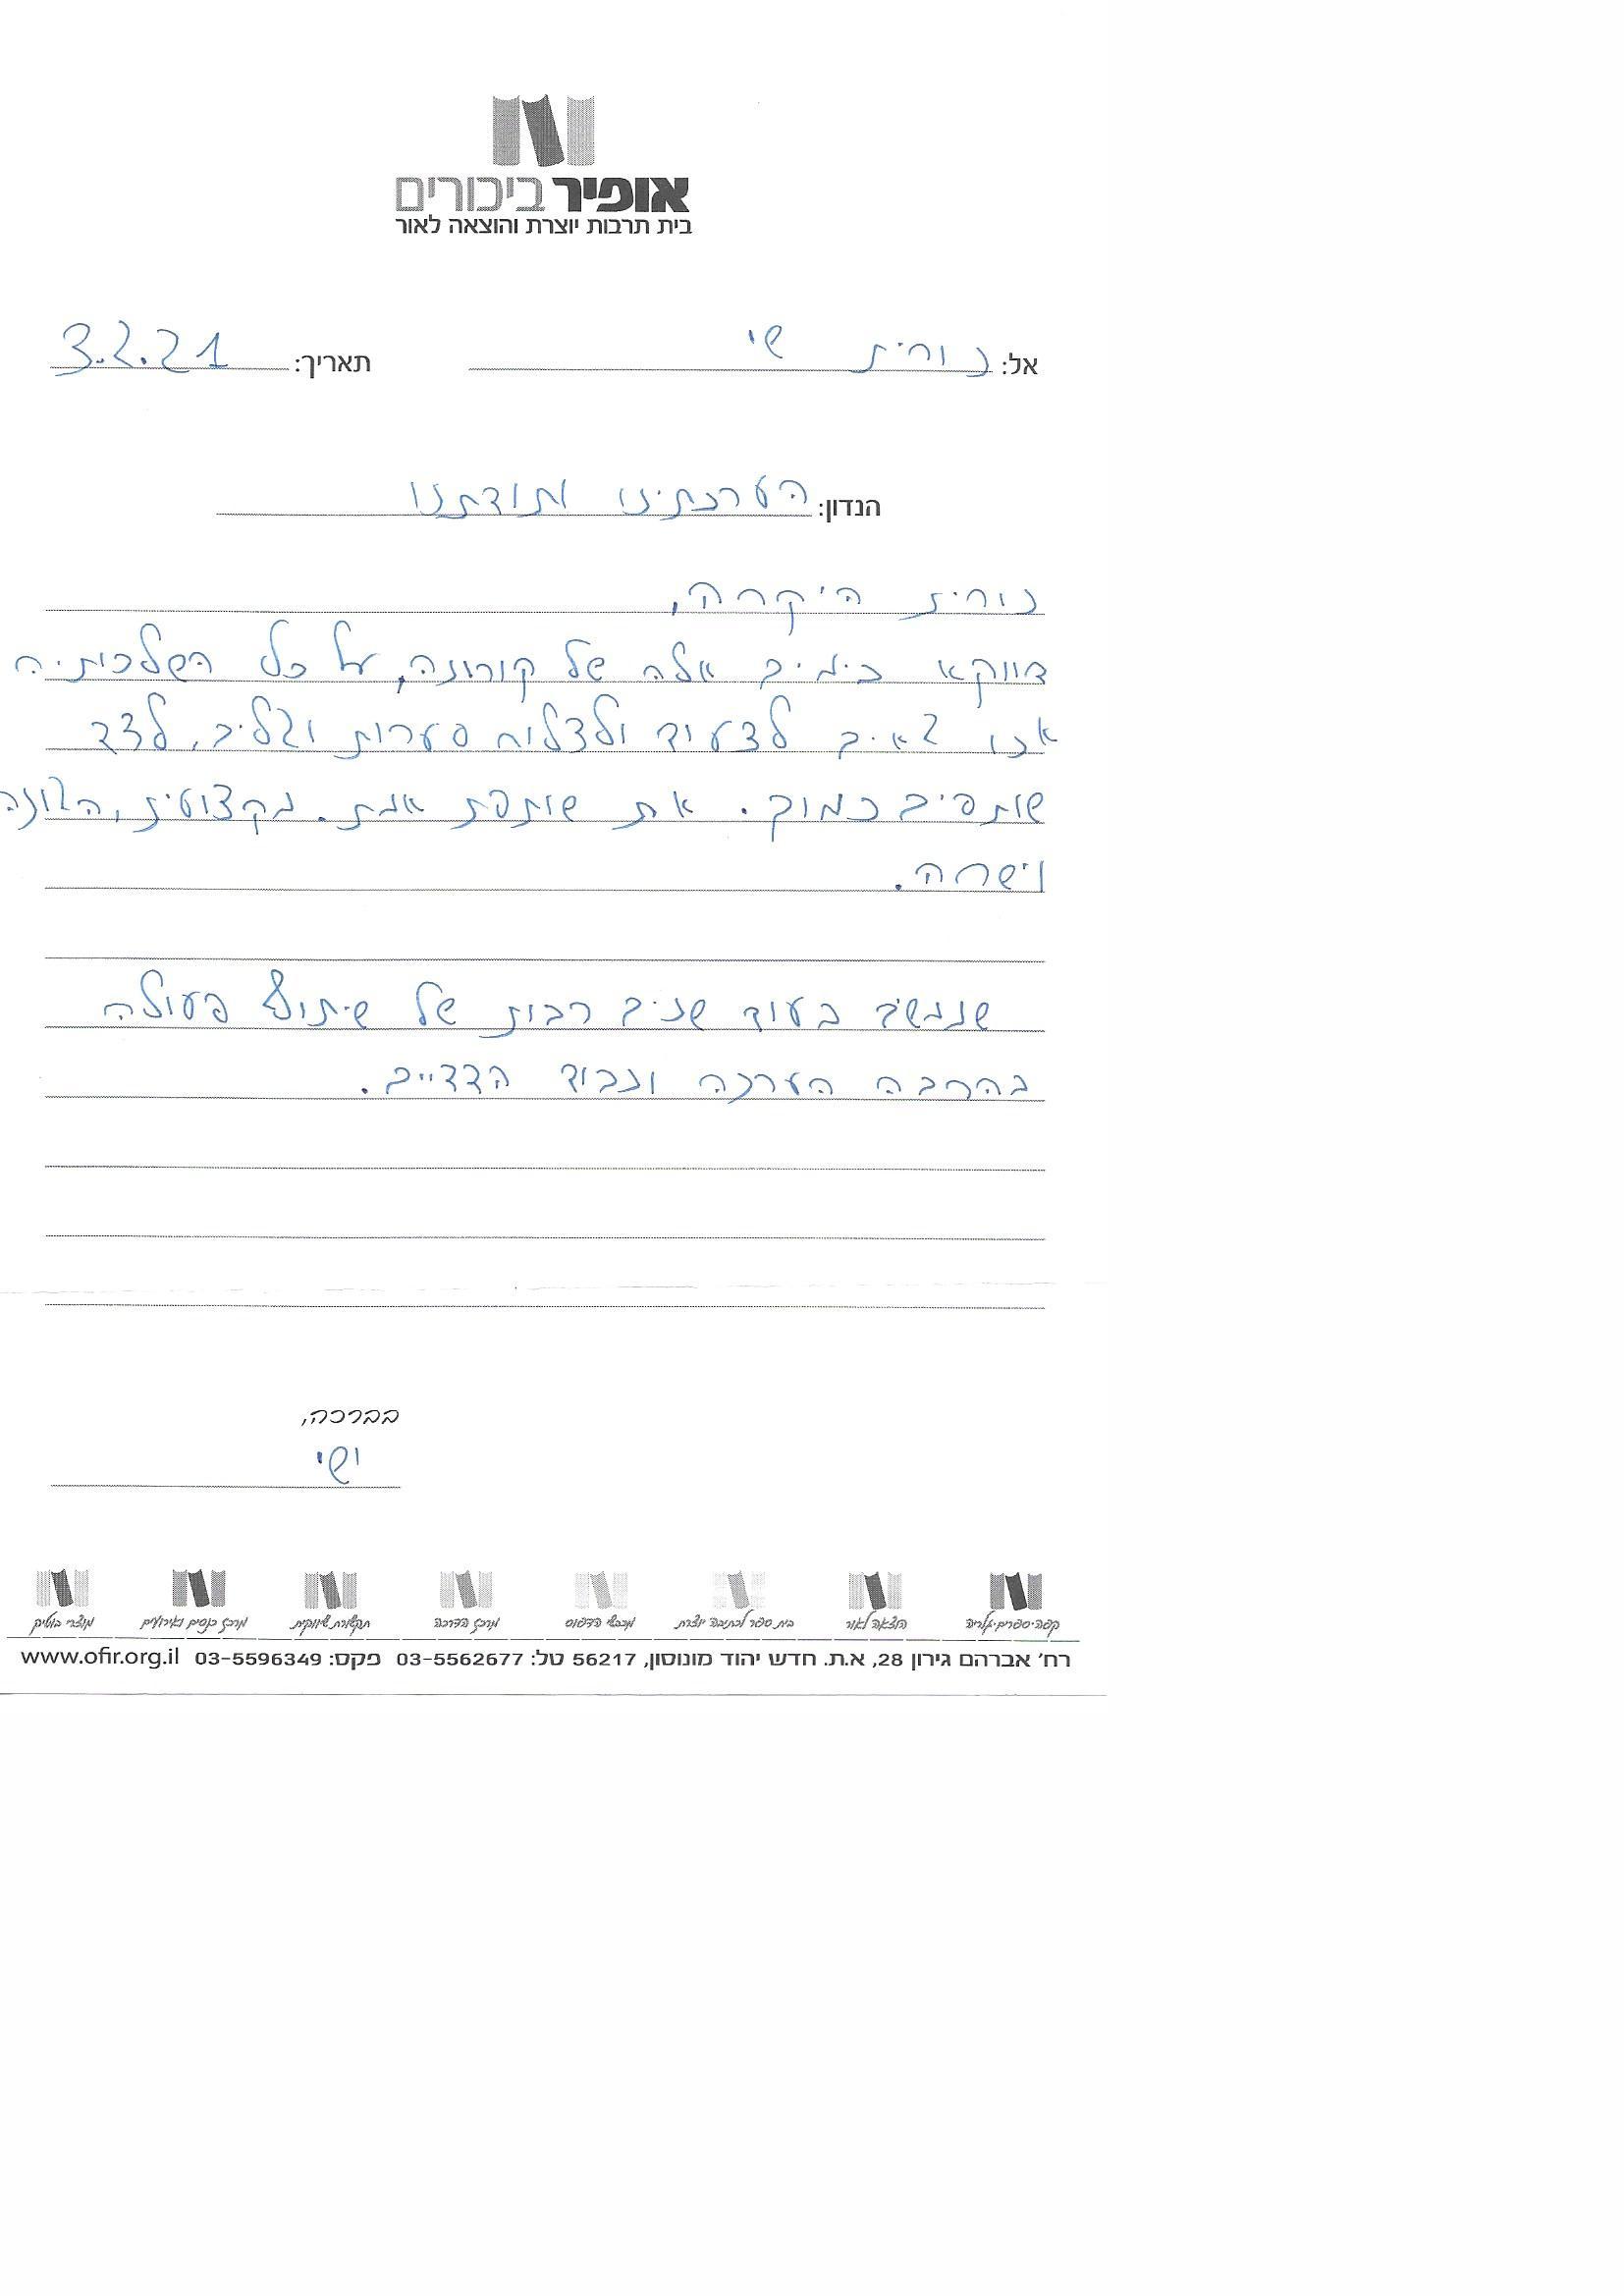 מכתב הערכה מהוצאה לאור על עריכה לשונית וספרותית